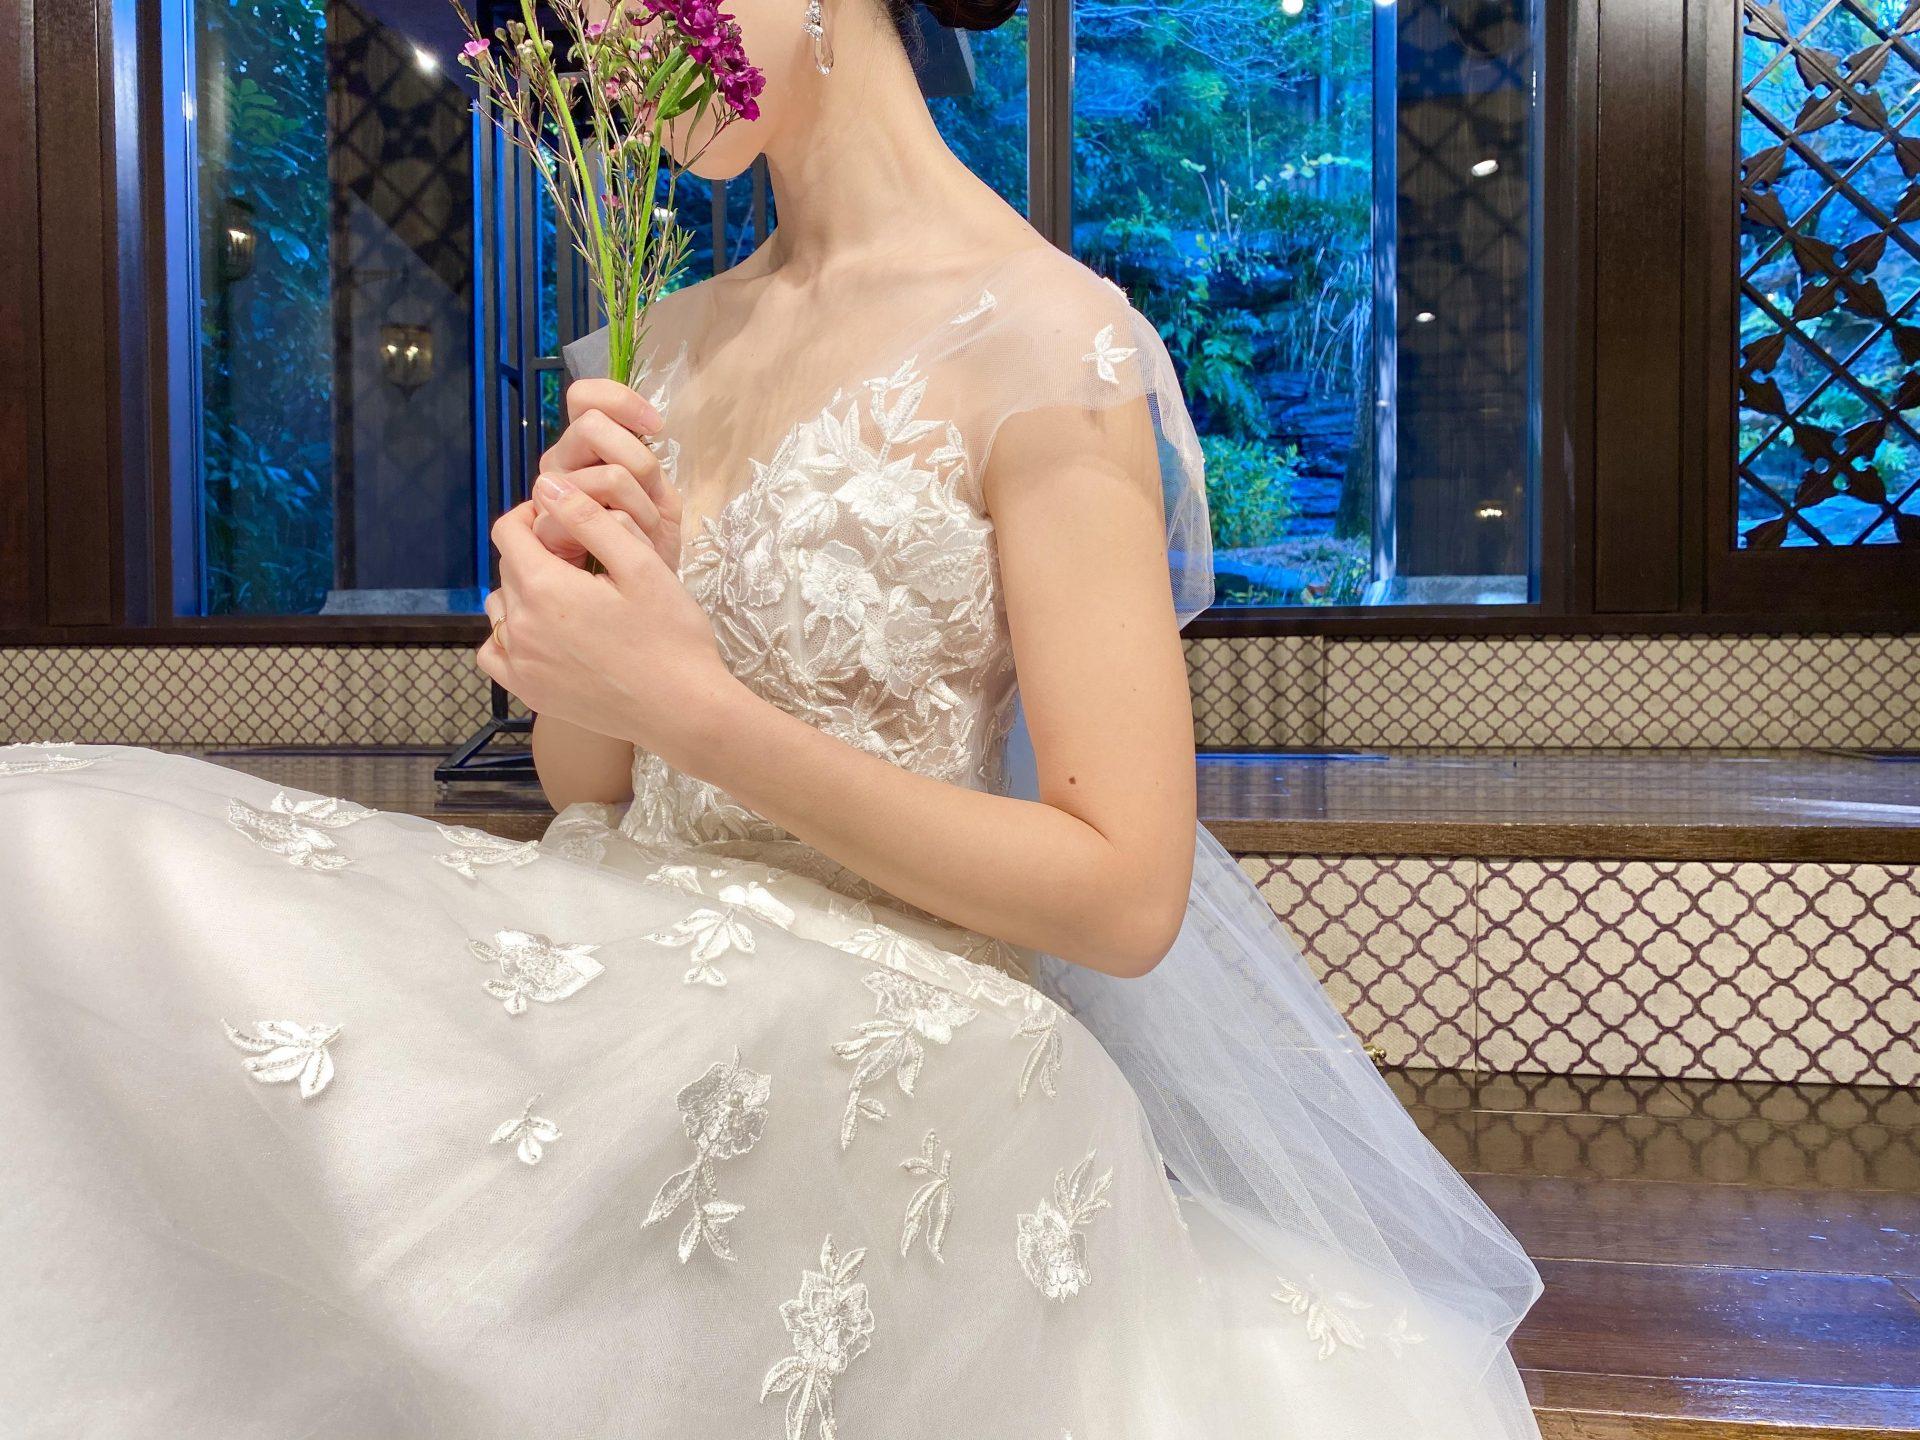 柔らかいチュール素材に繊細な刺繍を施した、キャロリーナヘレラのウエディングドレス